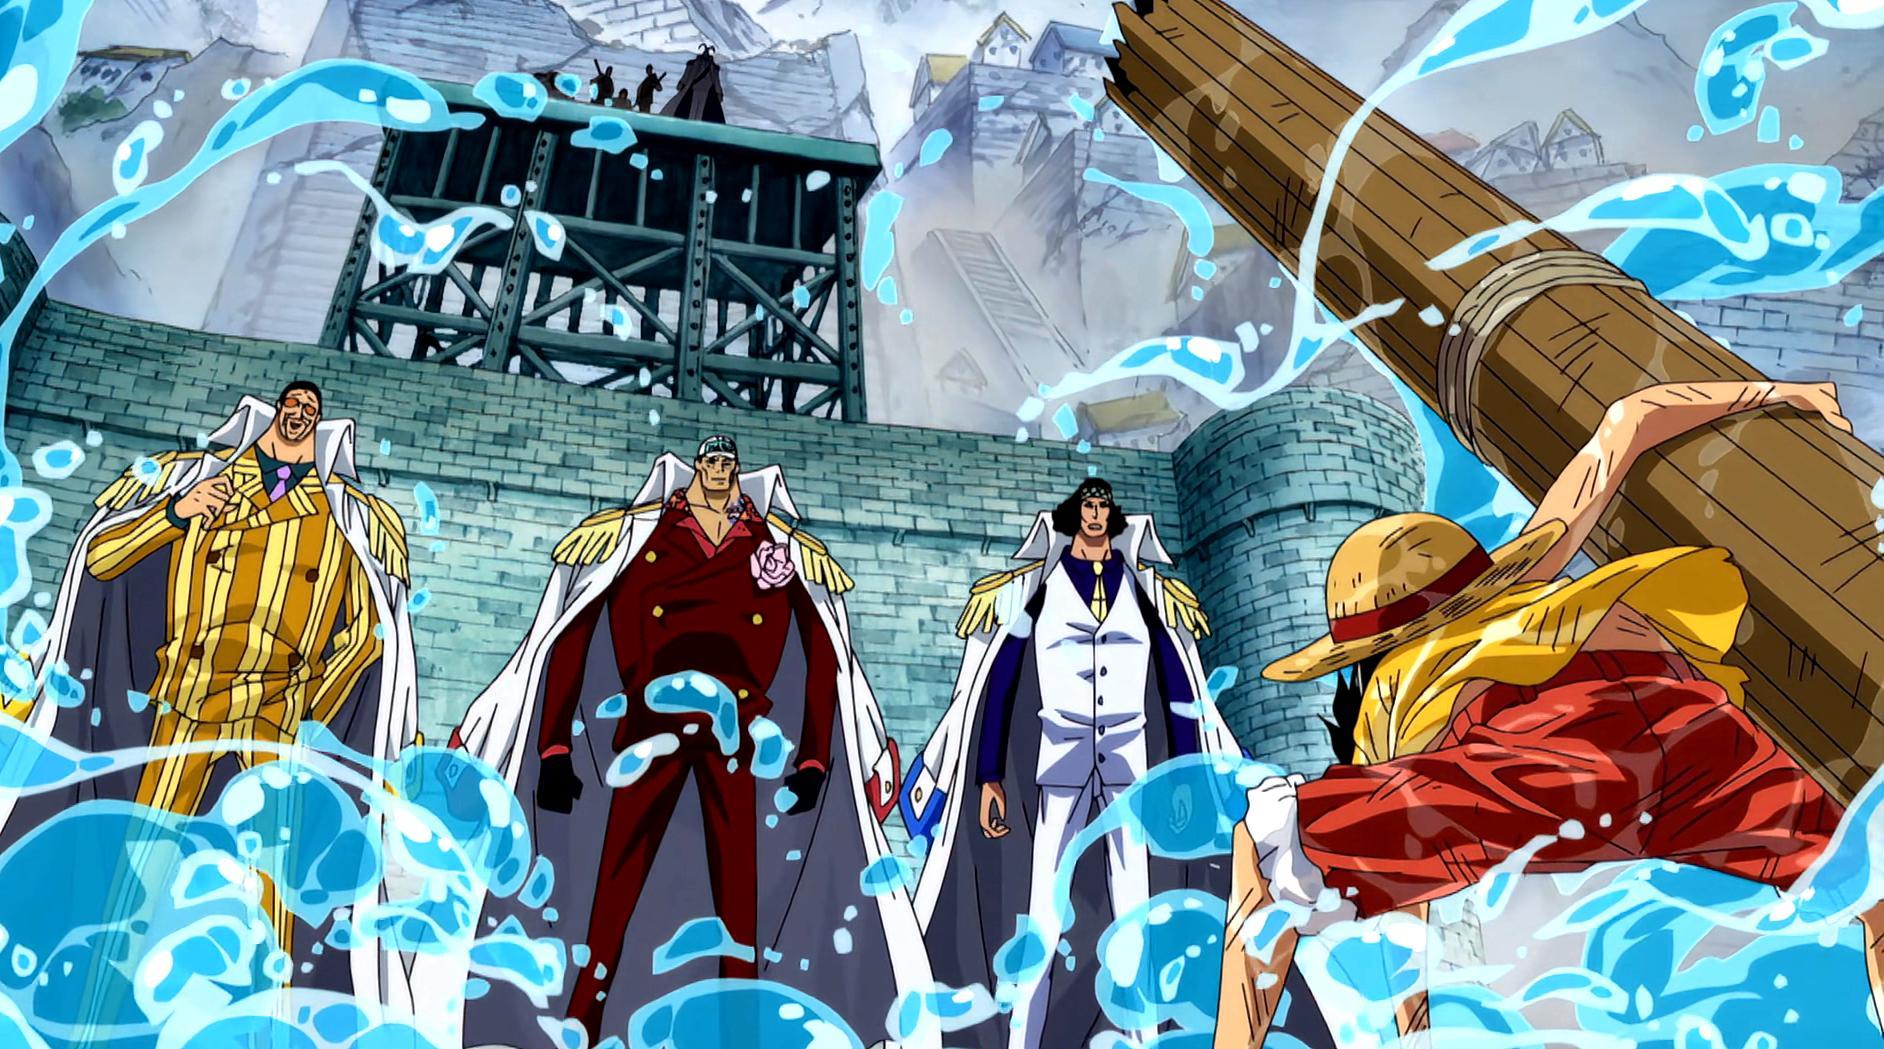 海賊王:頂上戰爭中為路飛開路的6大強者,只有巴基是被動行為